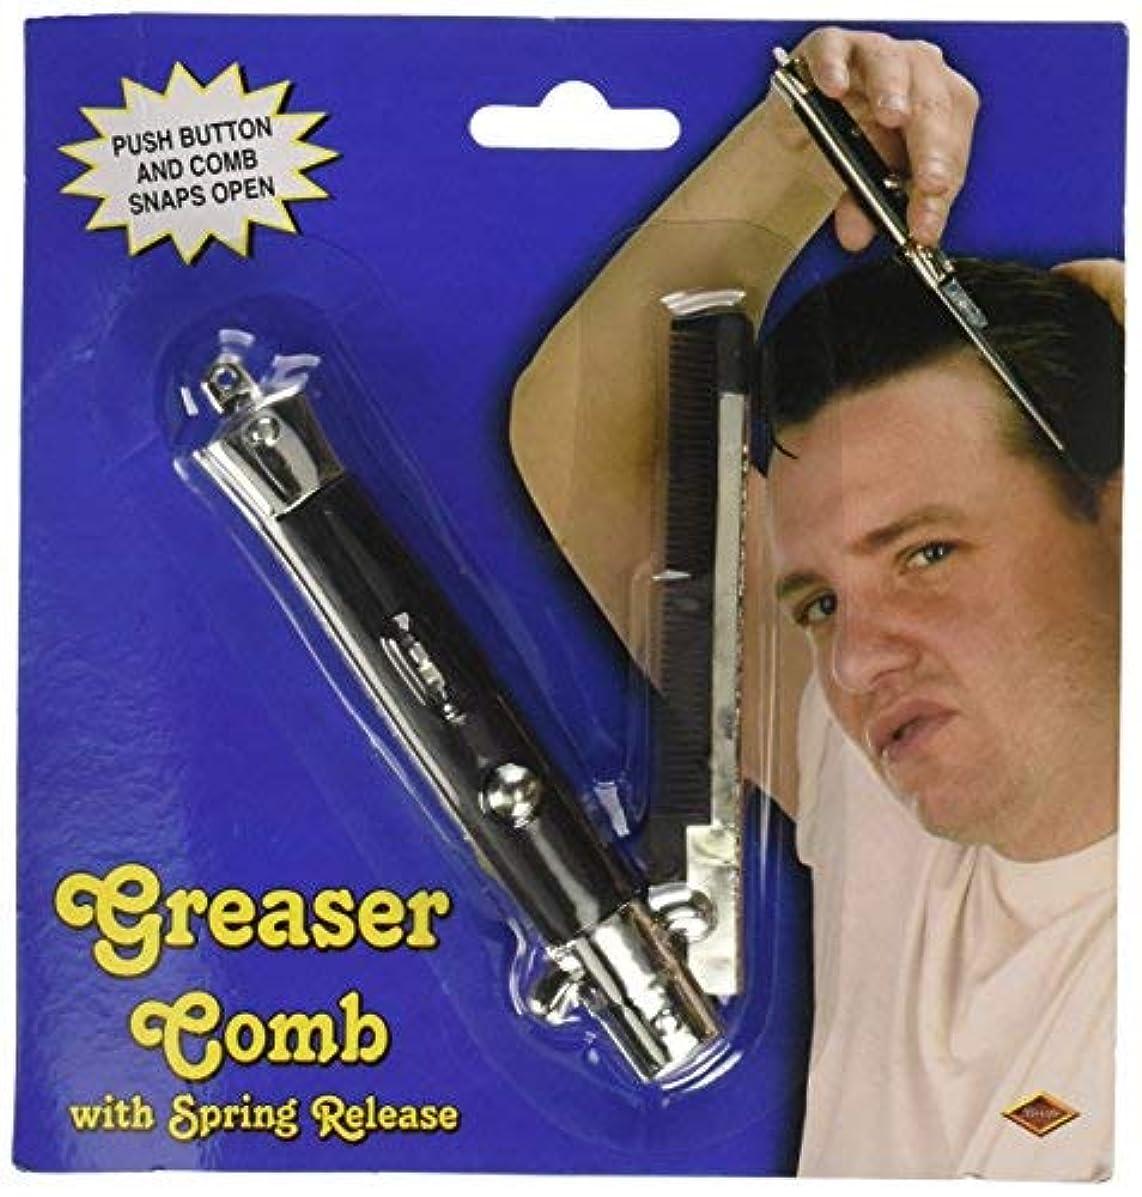 マザーランド光沢フリルGreaser Comb Party Accessory (1 count) (1/Pkg) [並行輸入品]